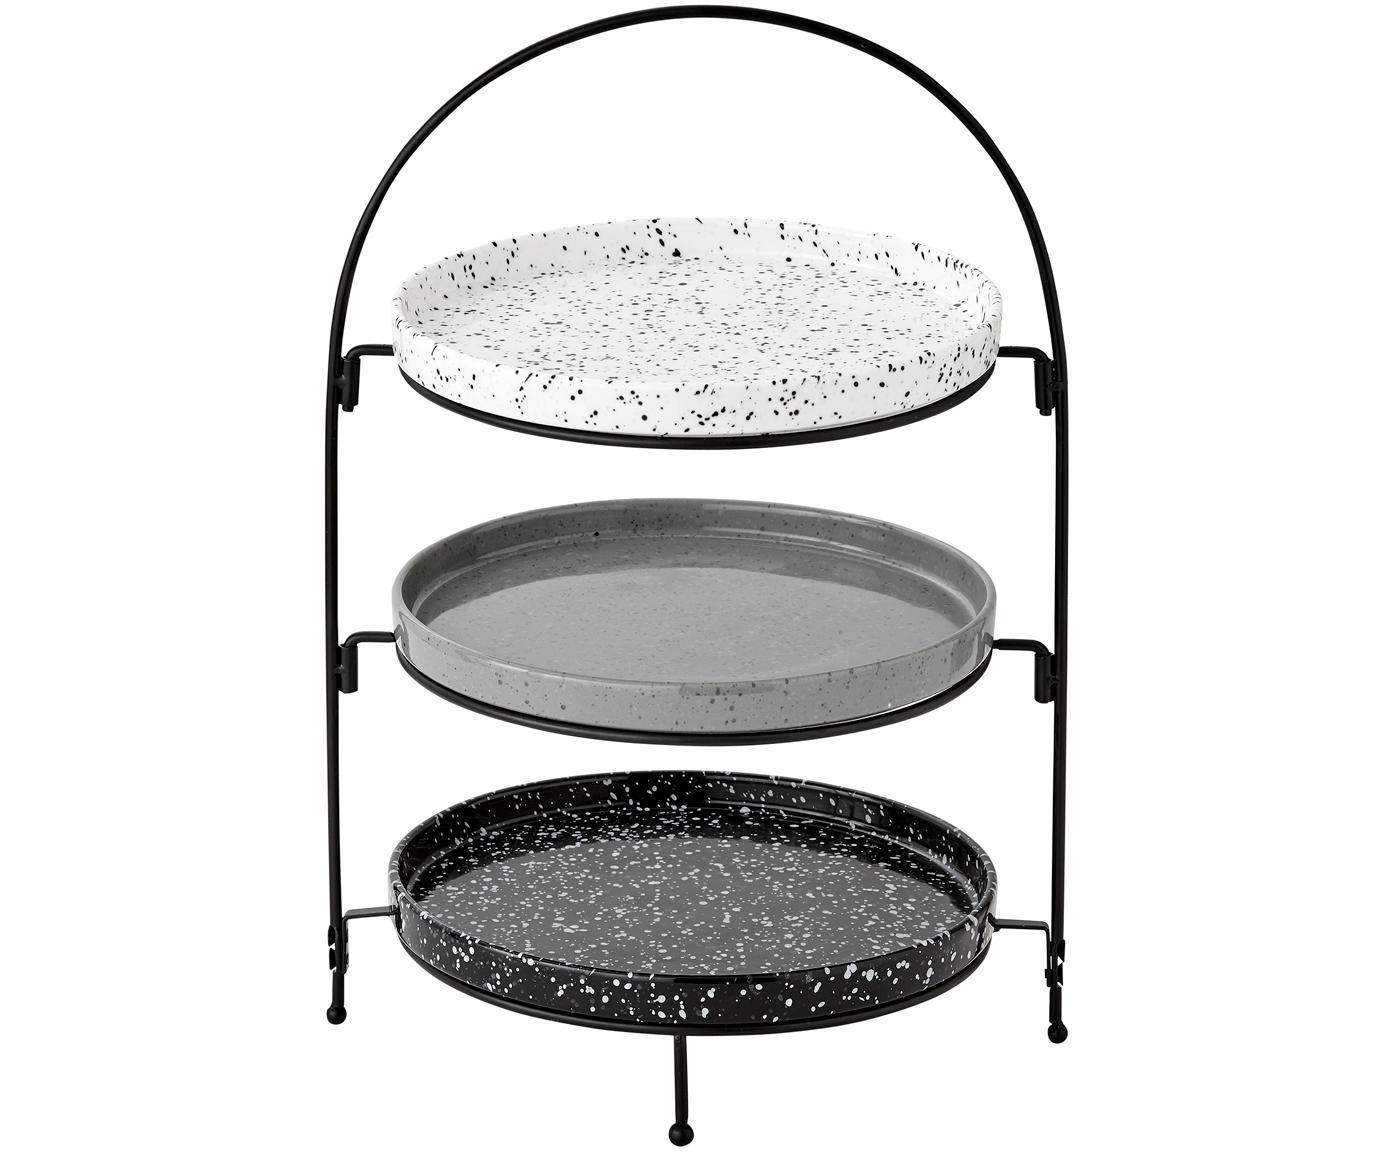 Fuente 3 pisos Tazzo, Bandejas: porcelana, Patas: metal pintado, Negro, blanco, gris, An 30 x Al 55 cm